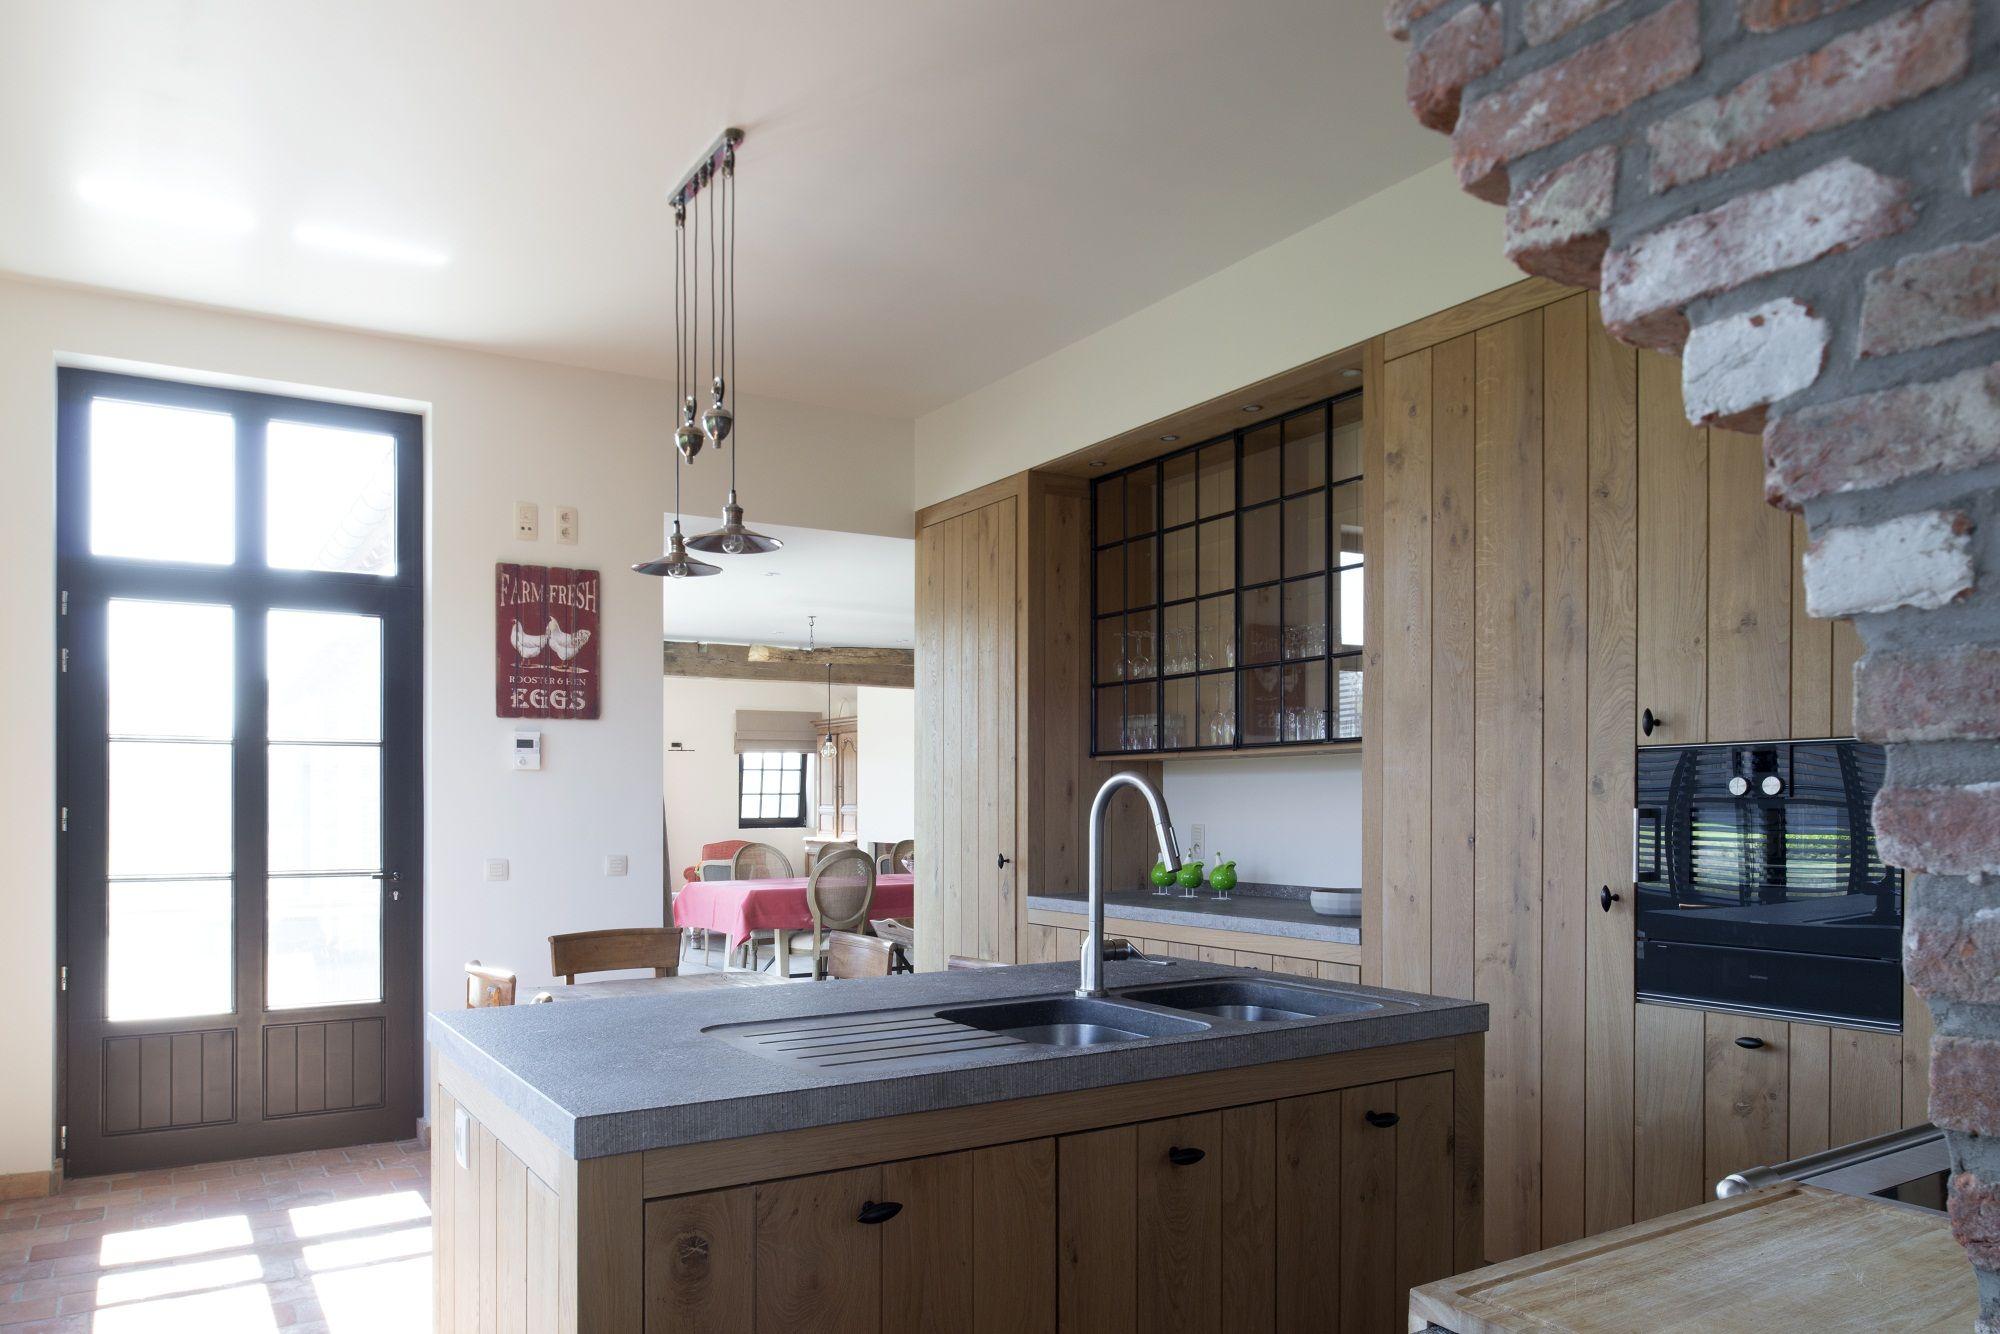 Landelijke Villa Inrichting : Inrichting villa landelijke stijl echt maatwerk